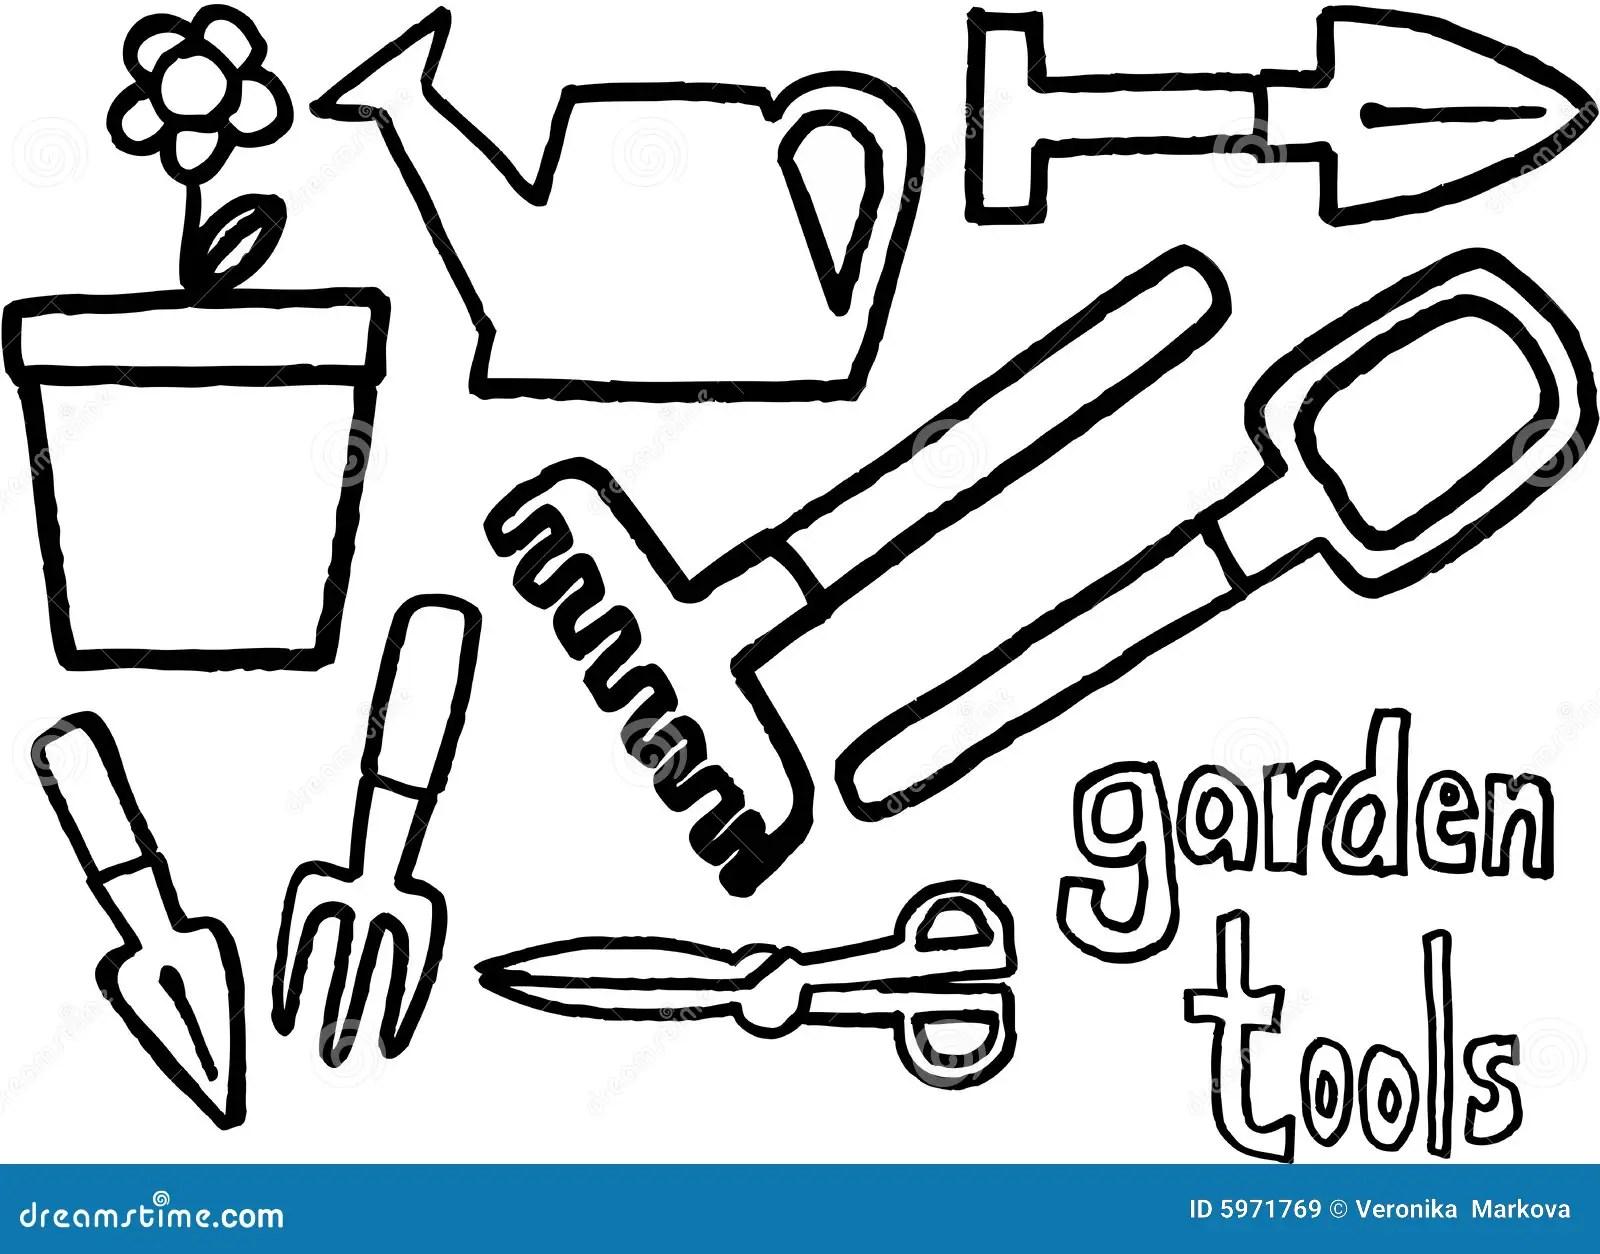 Garden Tools Stock Vector Illustration Of Illustration